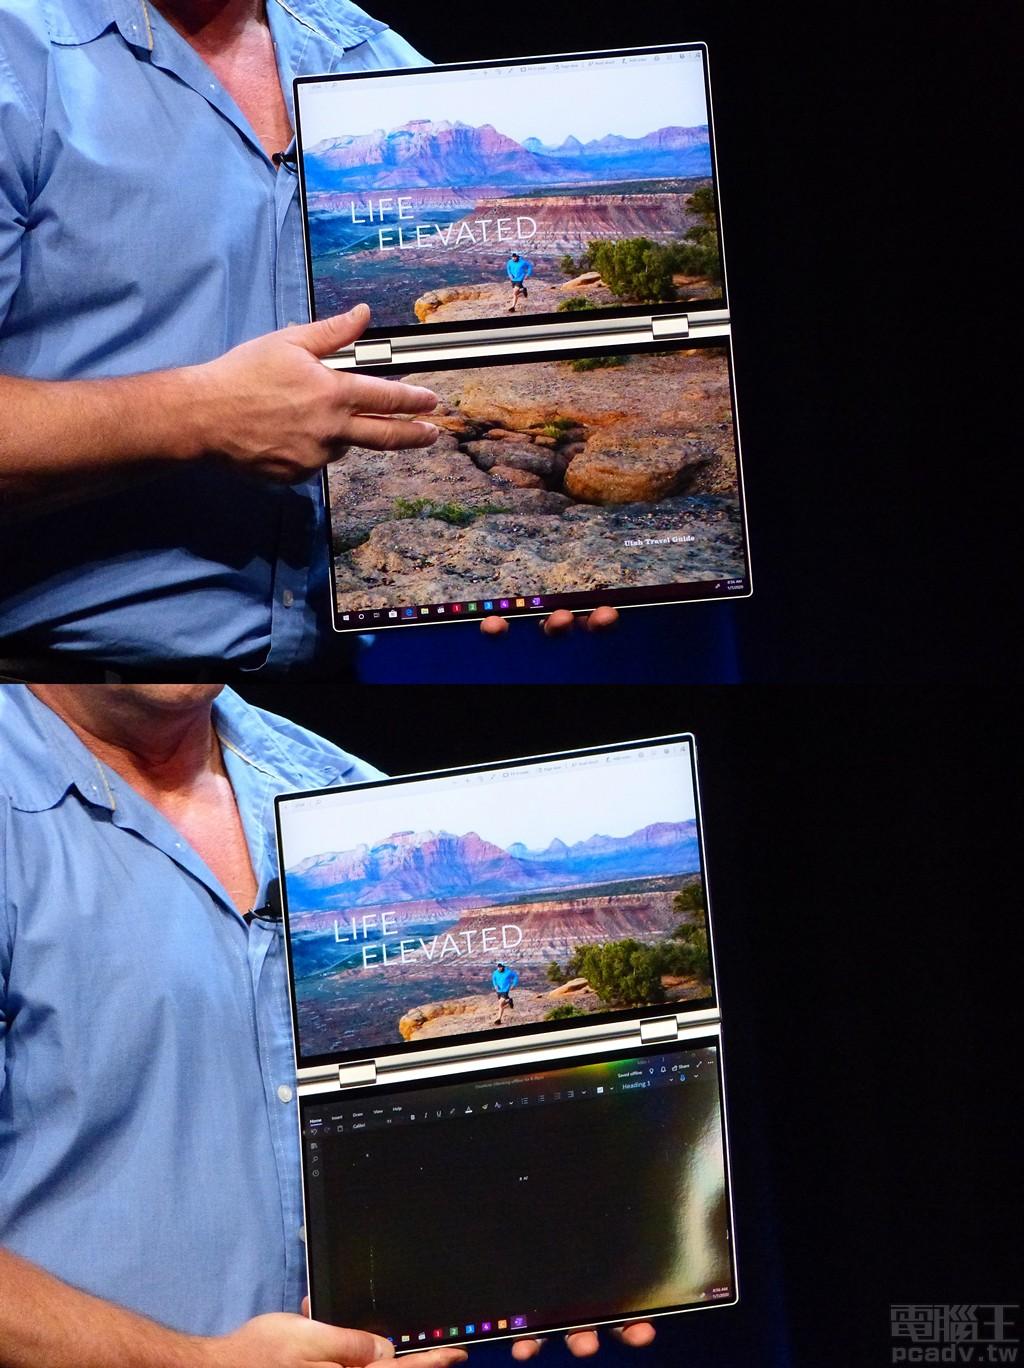 Dell Concept Duet 同樣能夠將雙螢幕視為同一螢幕,或是視為不同螢幕進而利用,於兩種角色之間的切換相當流暢。